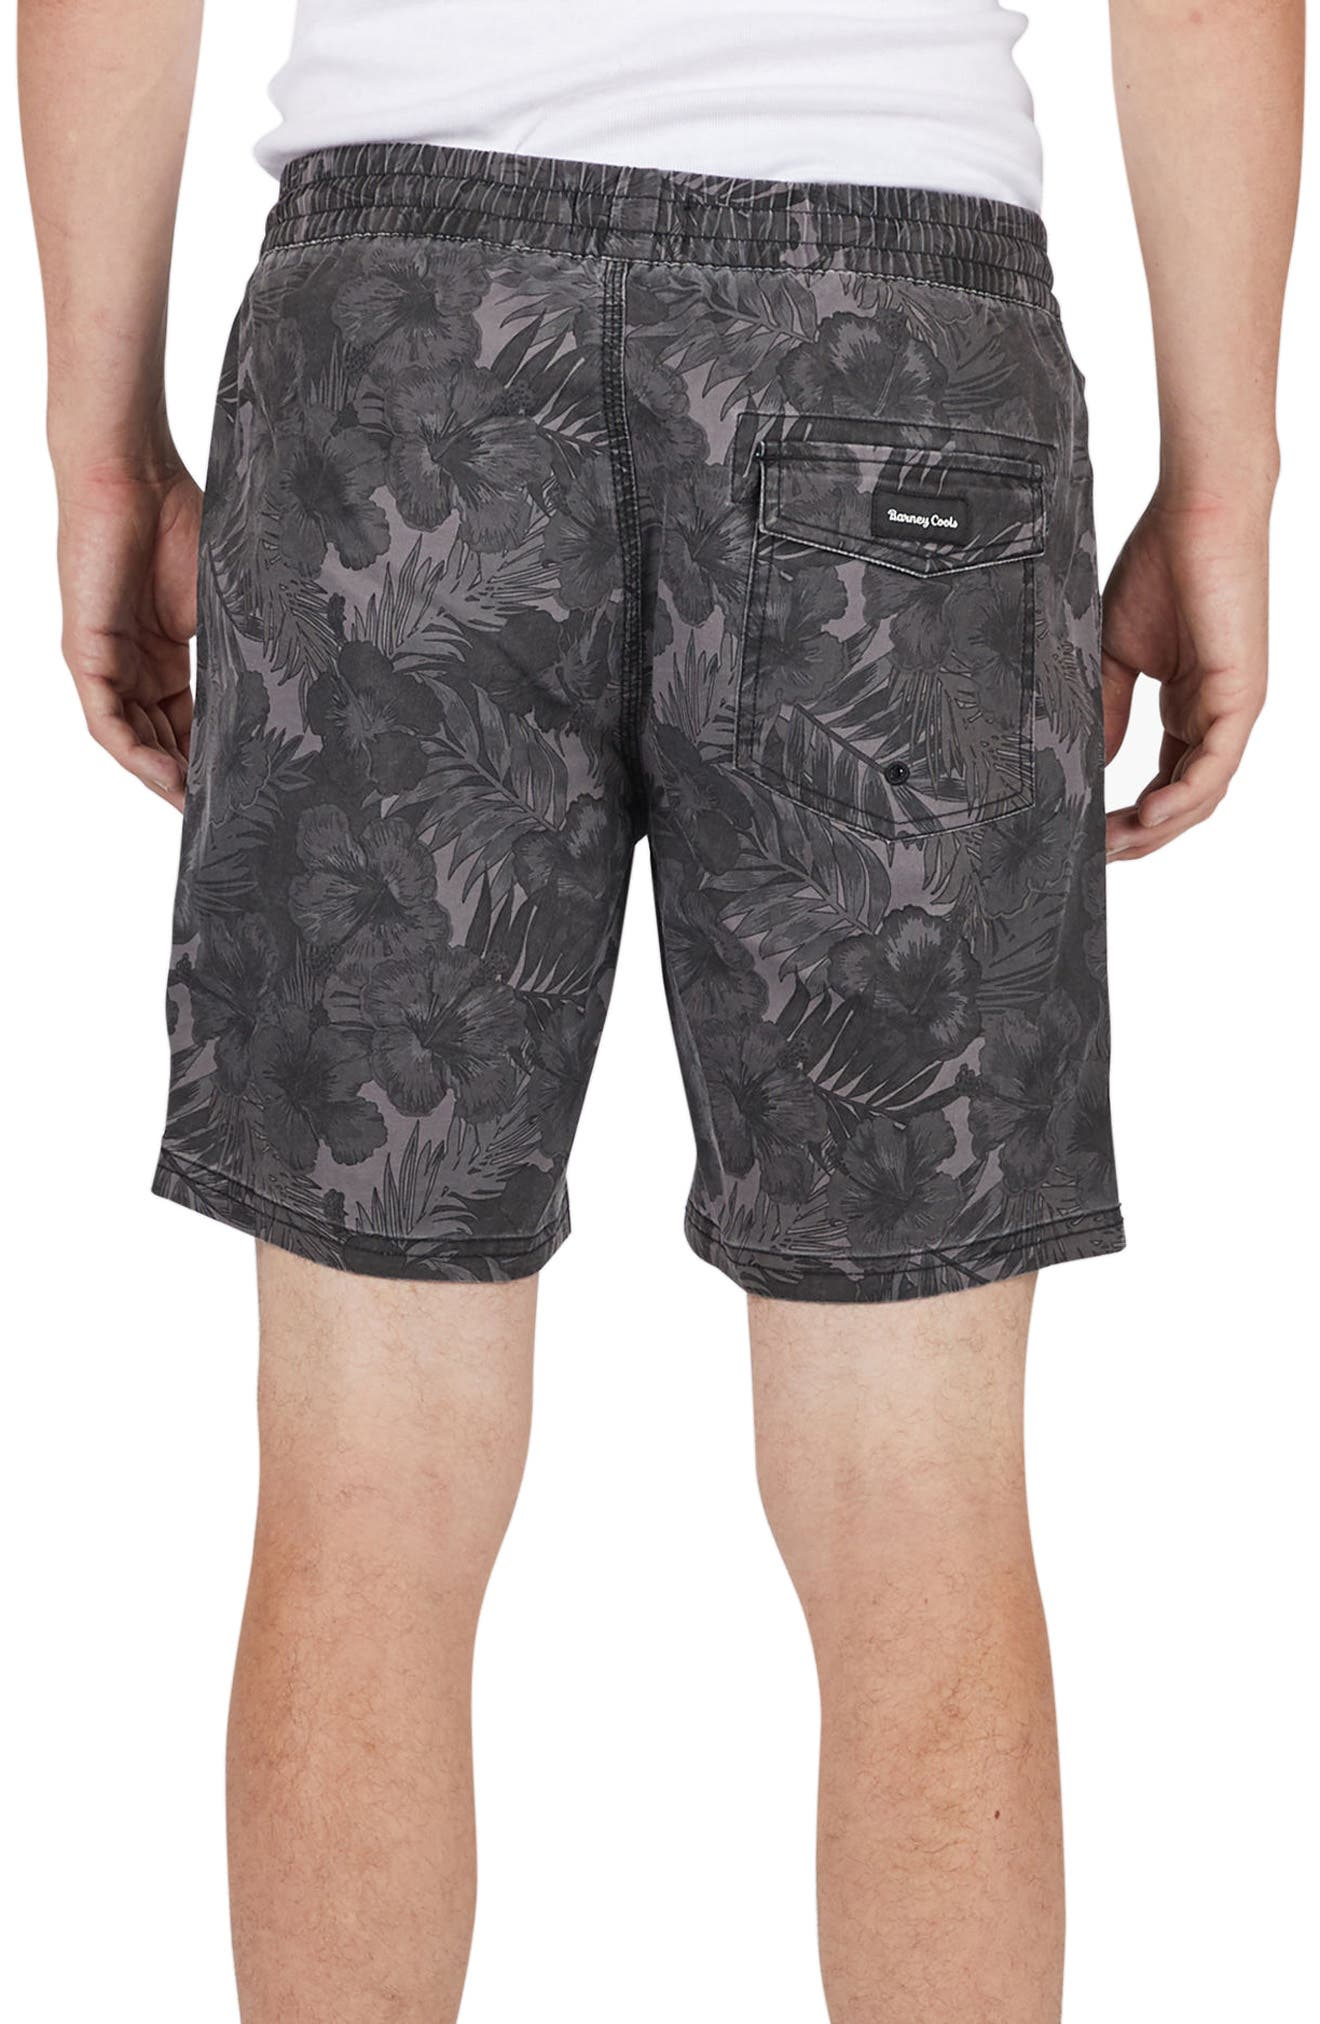 Amphibious Shorts,                             Alternate thumbnail 2, color,                             Black Floral